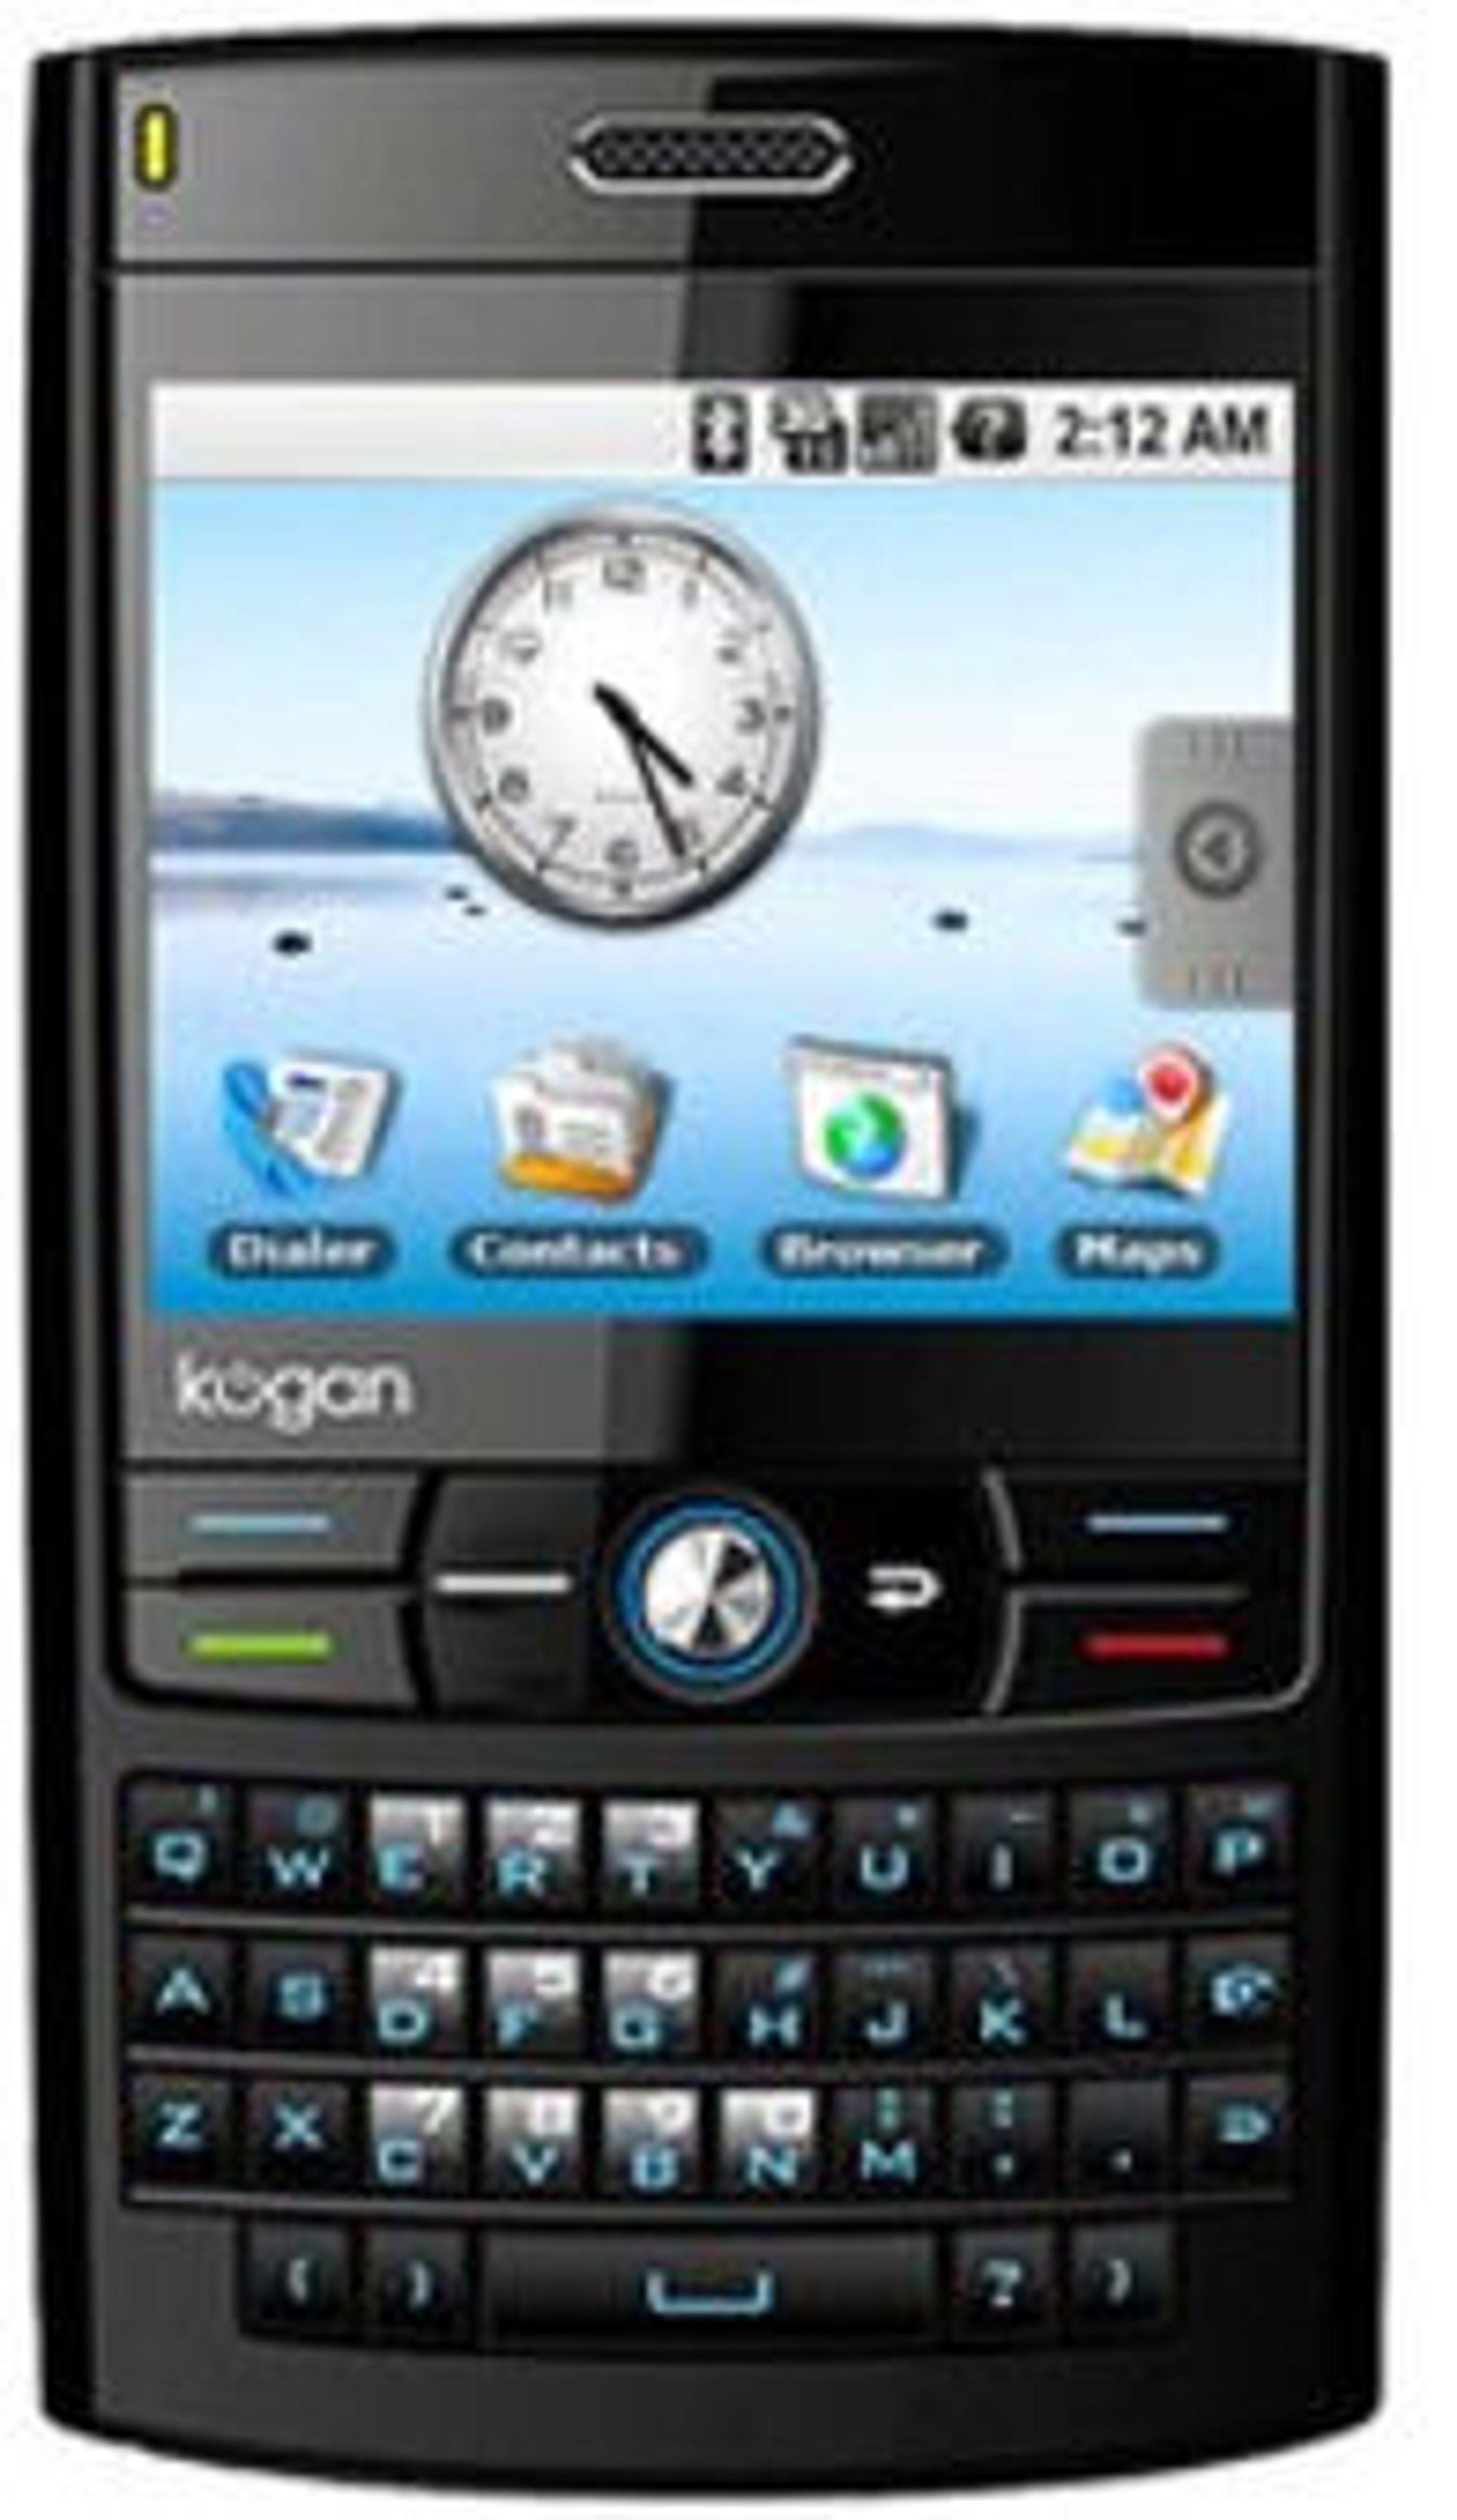 Australske Kogan er andre selskap ut med mobiltelefon basert på Google Android.